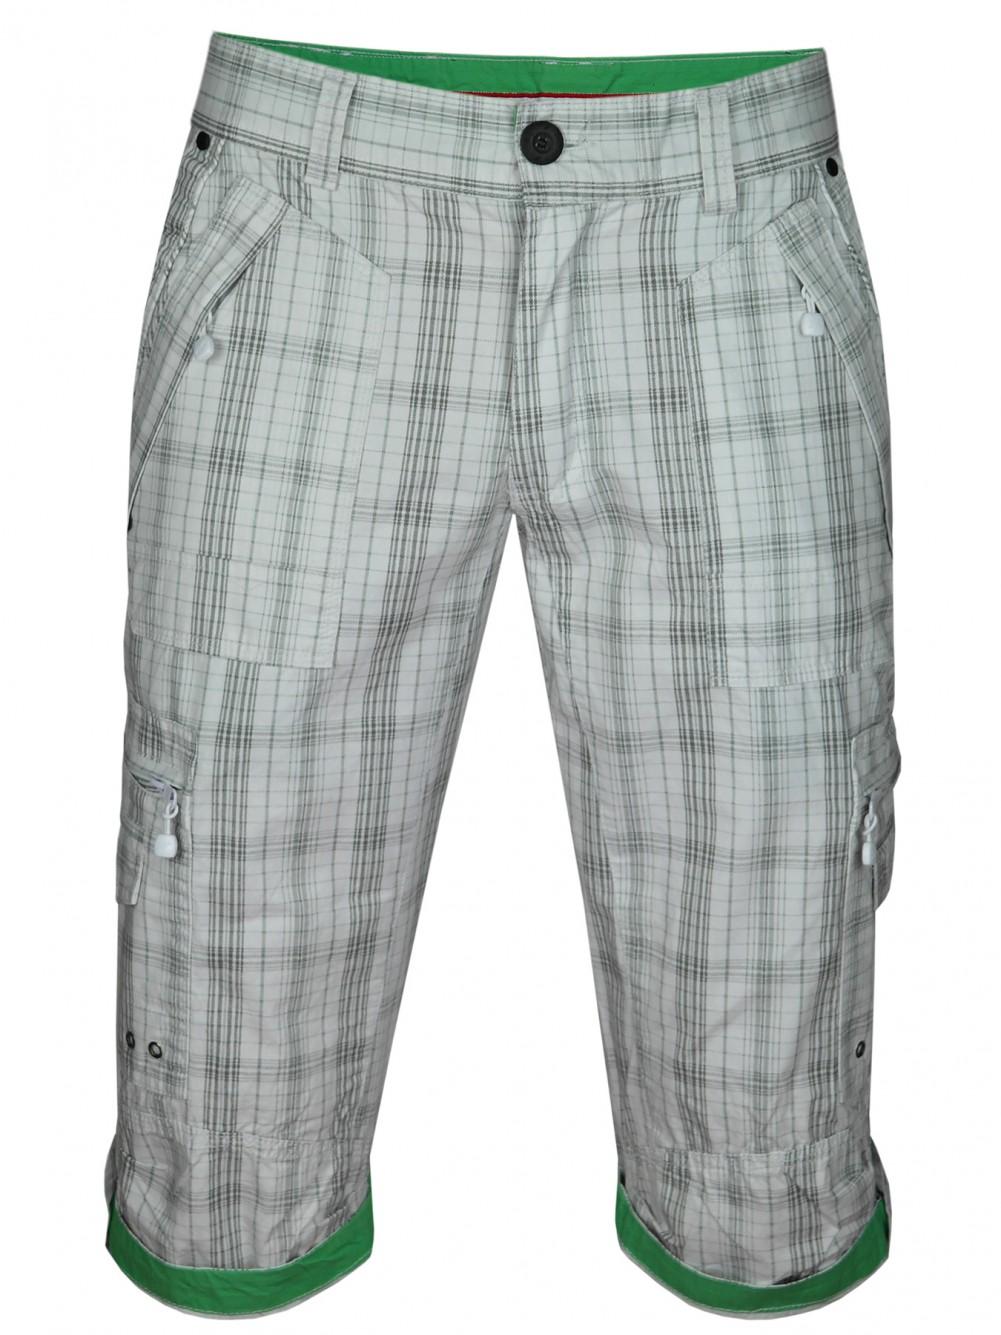 Herren Cargo-Bermudas in Capri Jeans-Style 100% Baumwolle - Weiss-Kariert